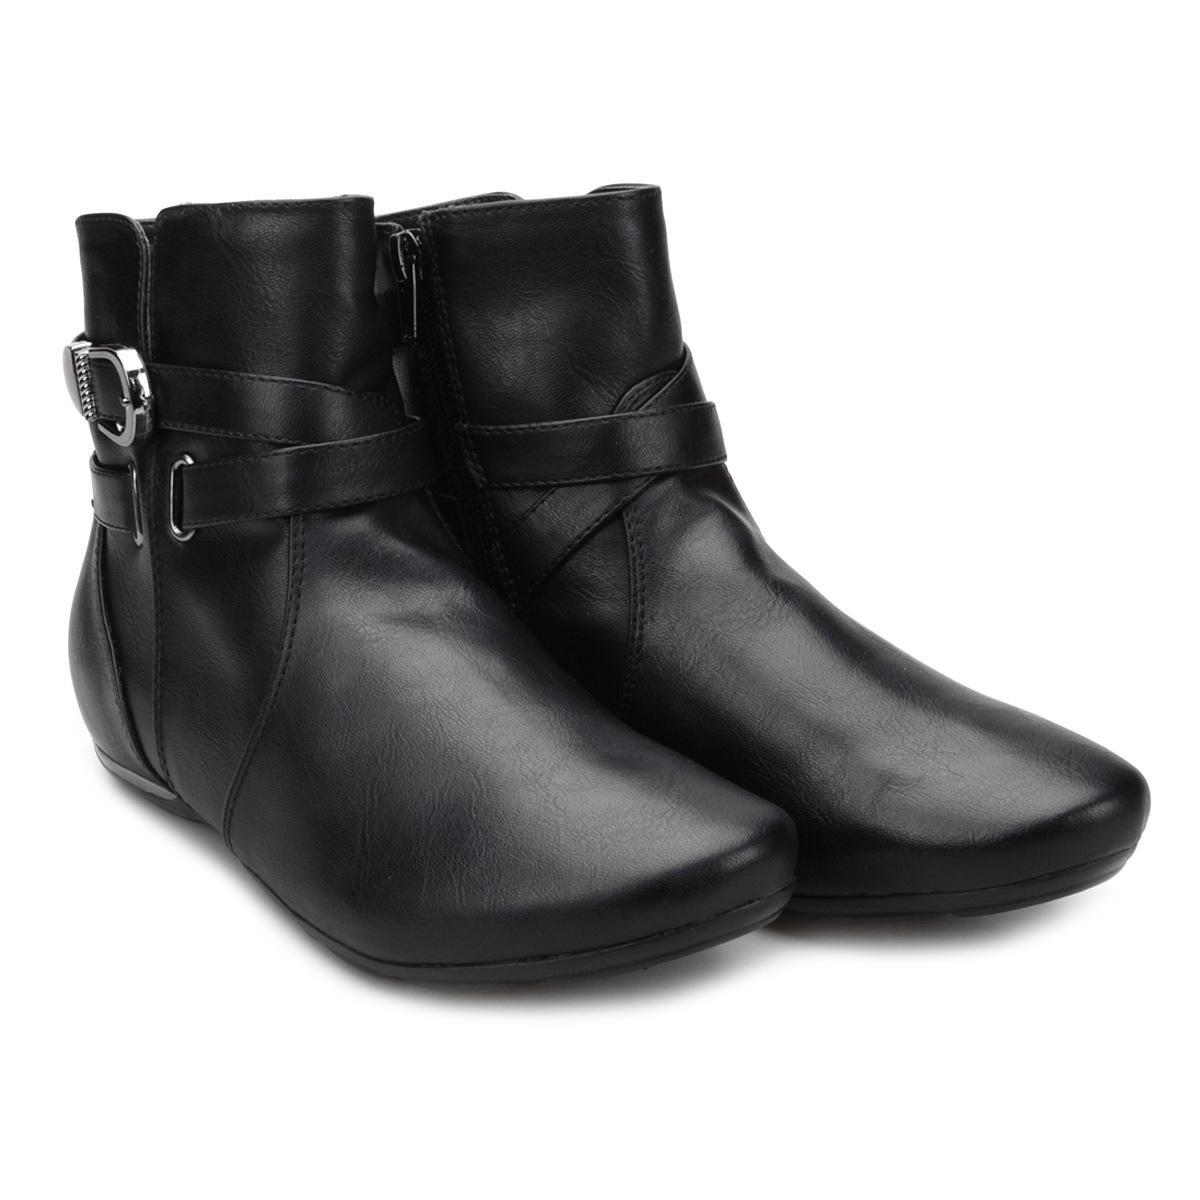 71a409bb6 bota cano curto comfortflex multi tiras e fivela feminina. Carregando zoom.